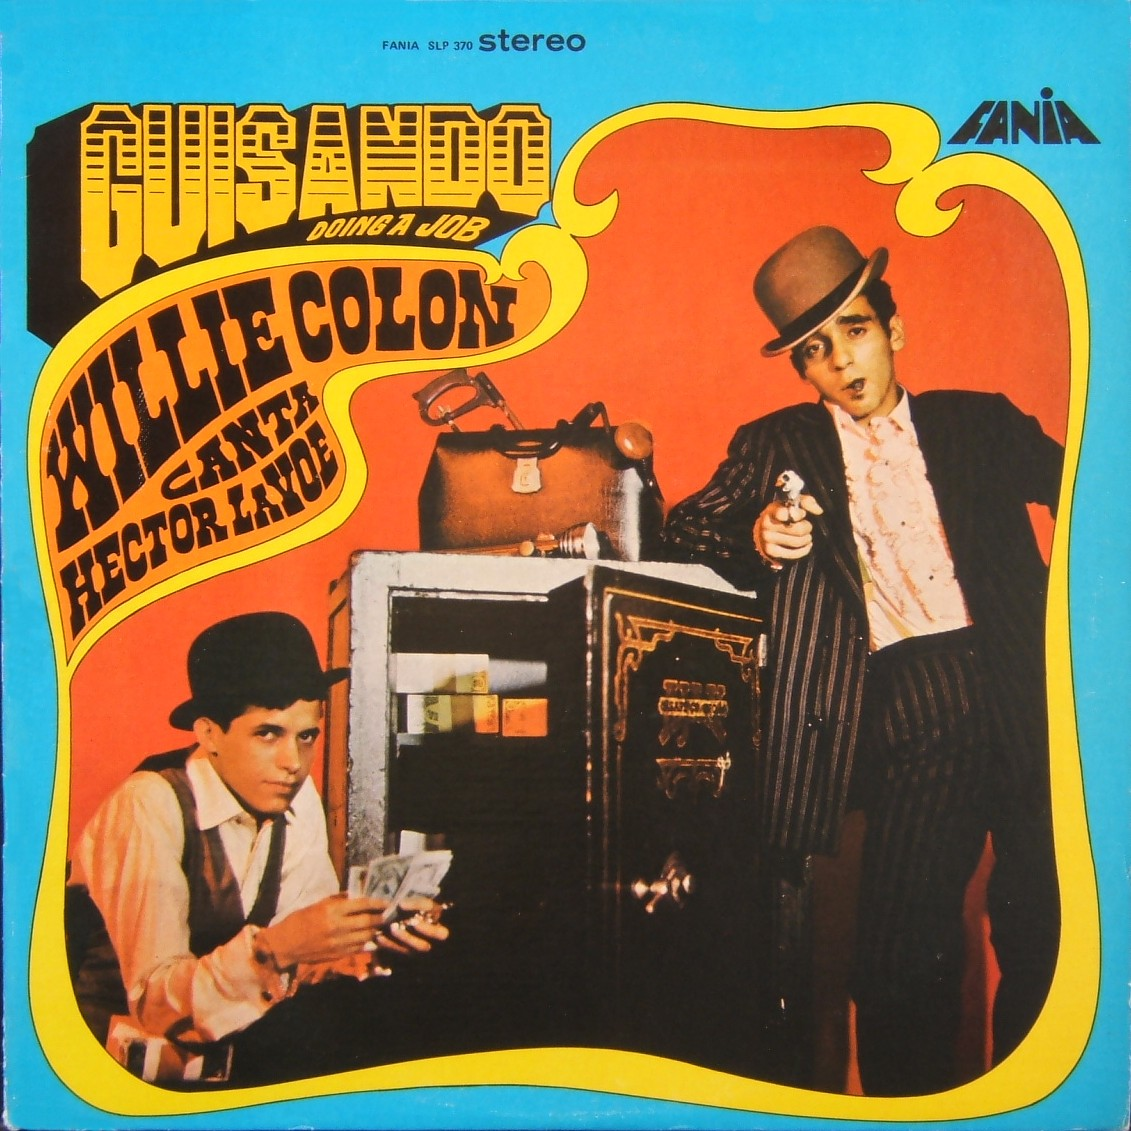 Willie colon the hustler